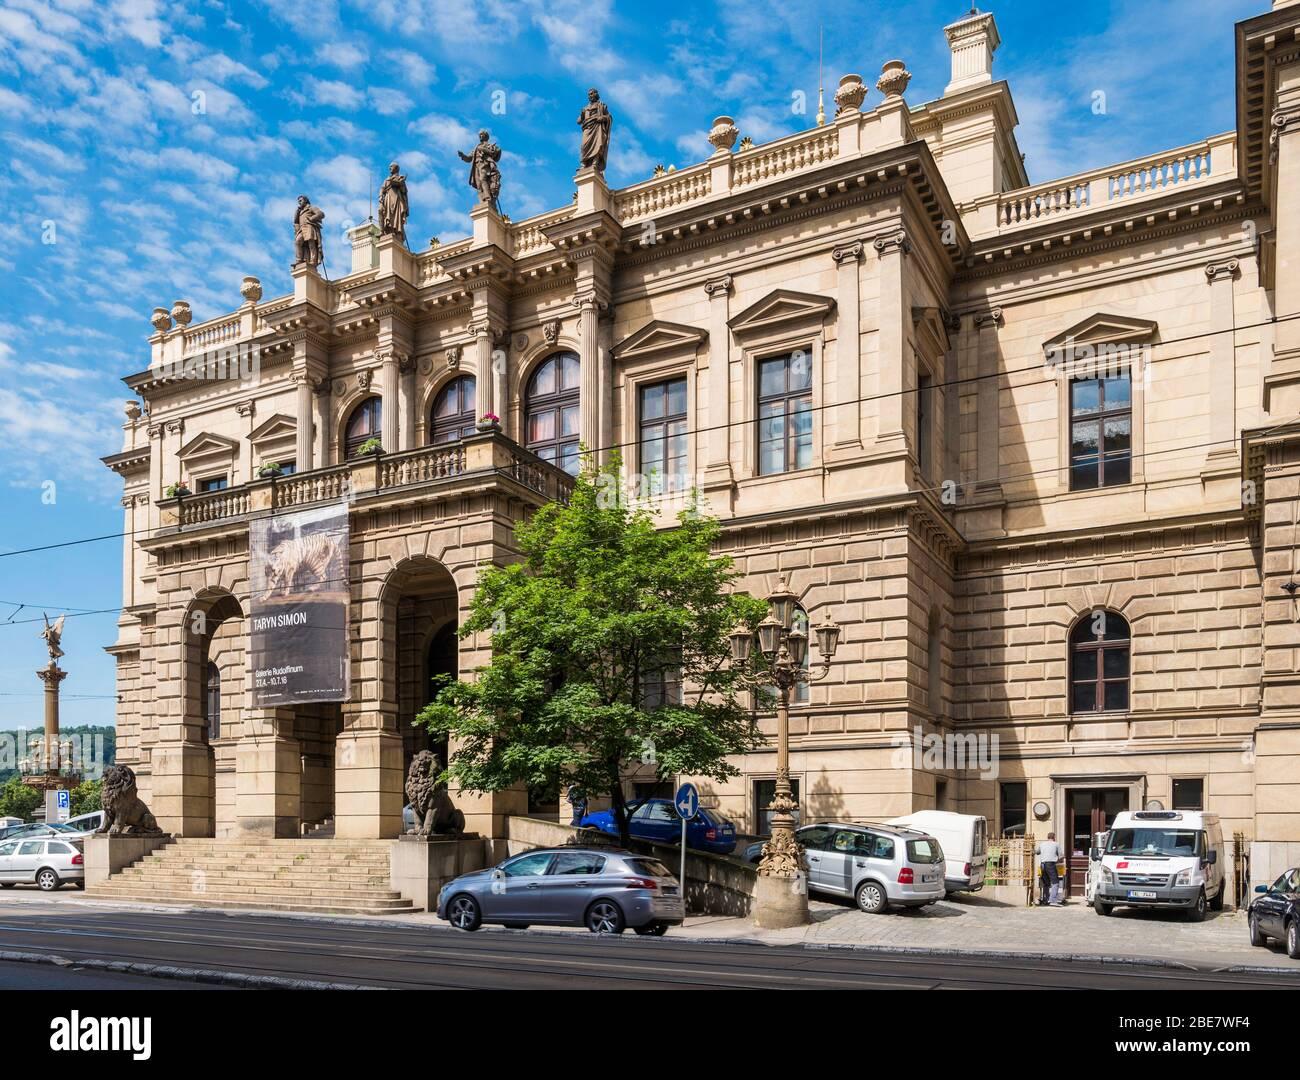 Il Rudolfinum (1885) è un edificio in stile neo-rinascimentale e la sala concerti ospita l'orchestra filarmonica ceca. Praga, Repubblica Ceca. Foto Stock